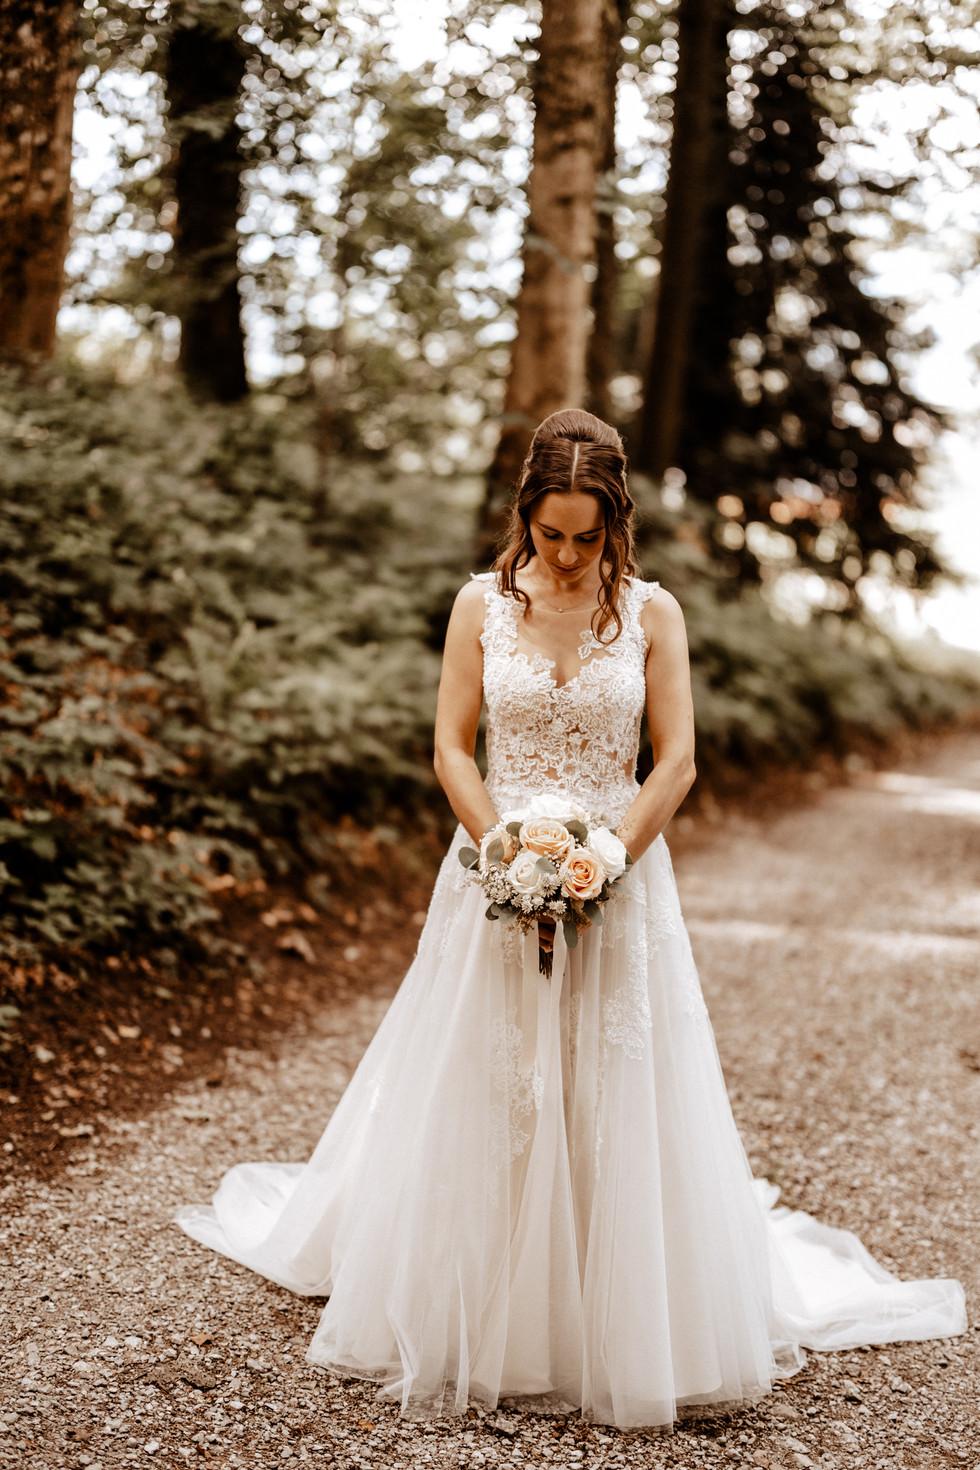 Brautpaarshooting beim im Wald 16